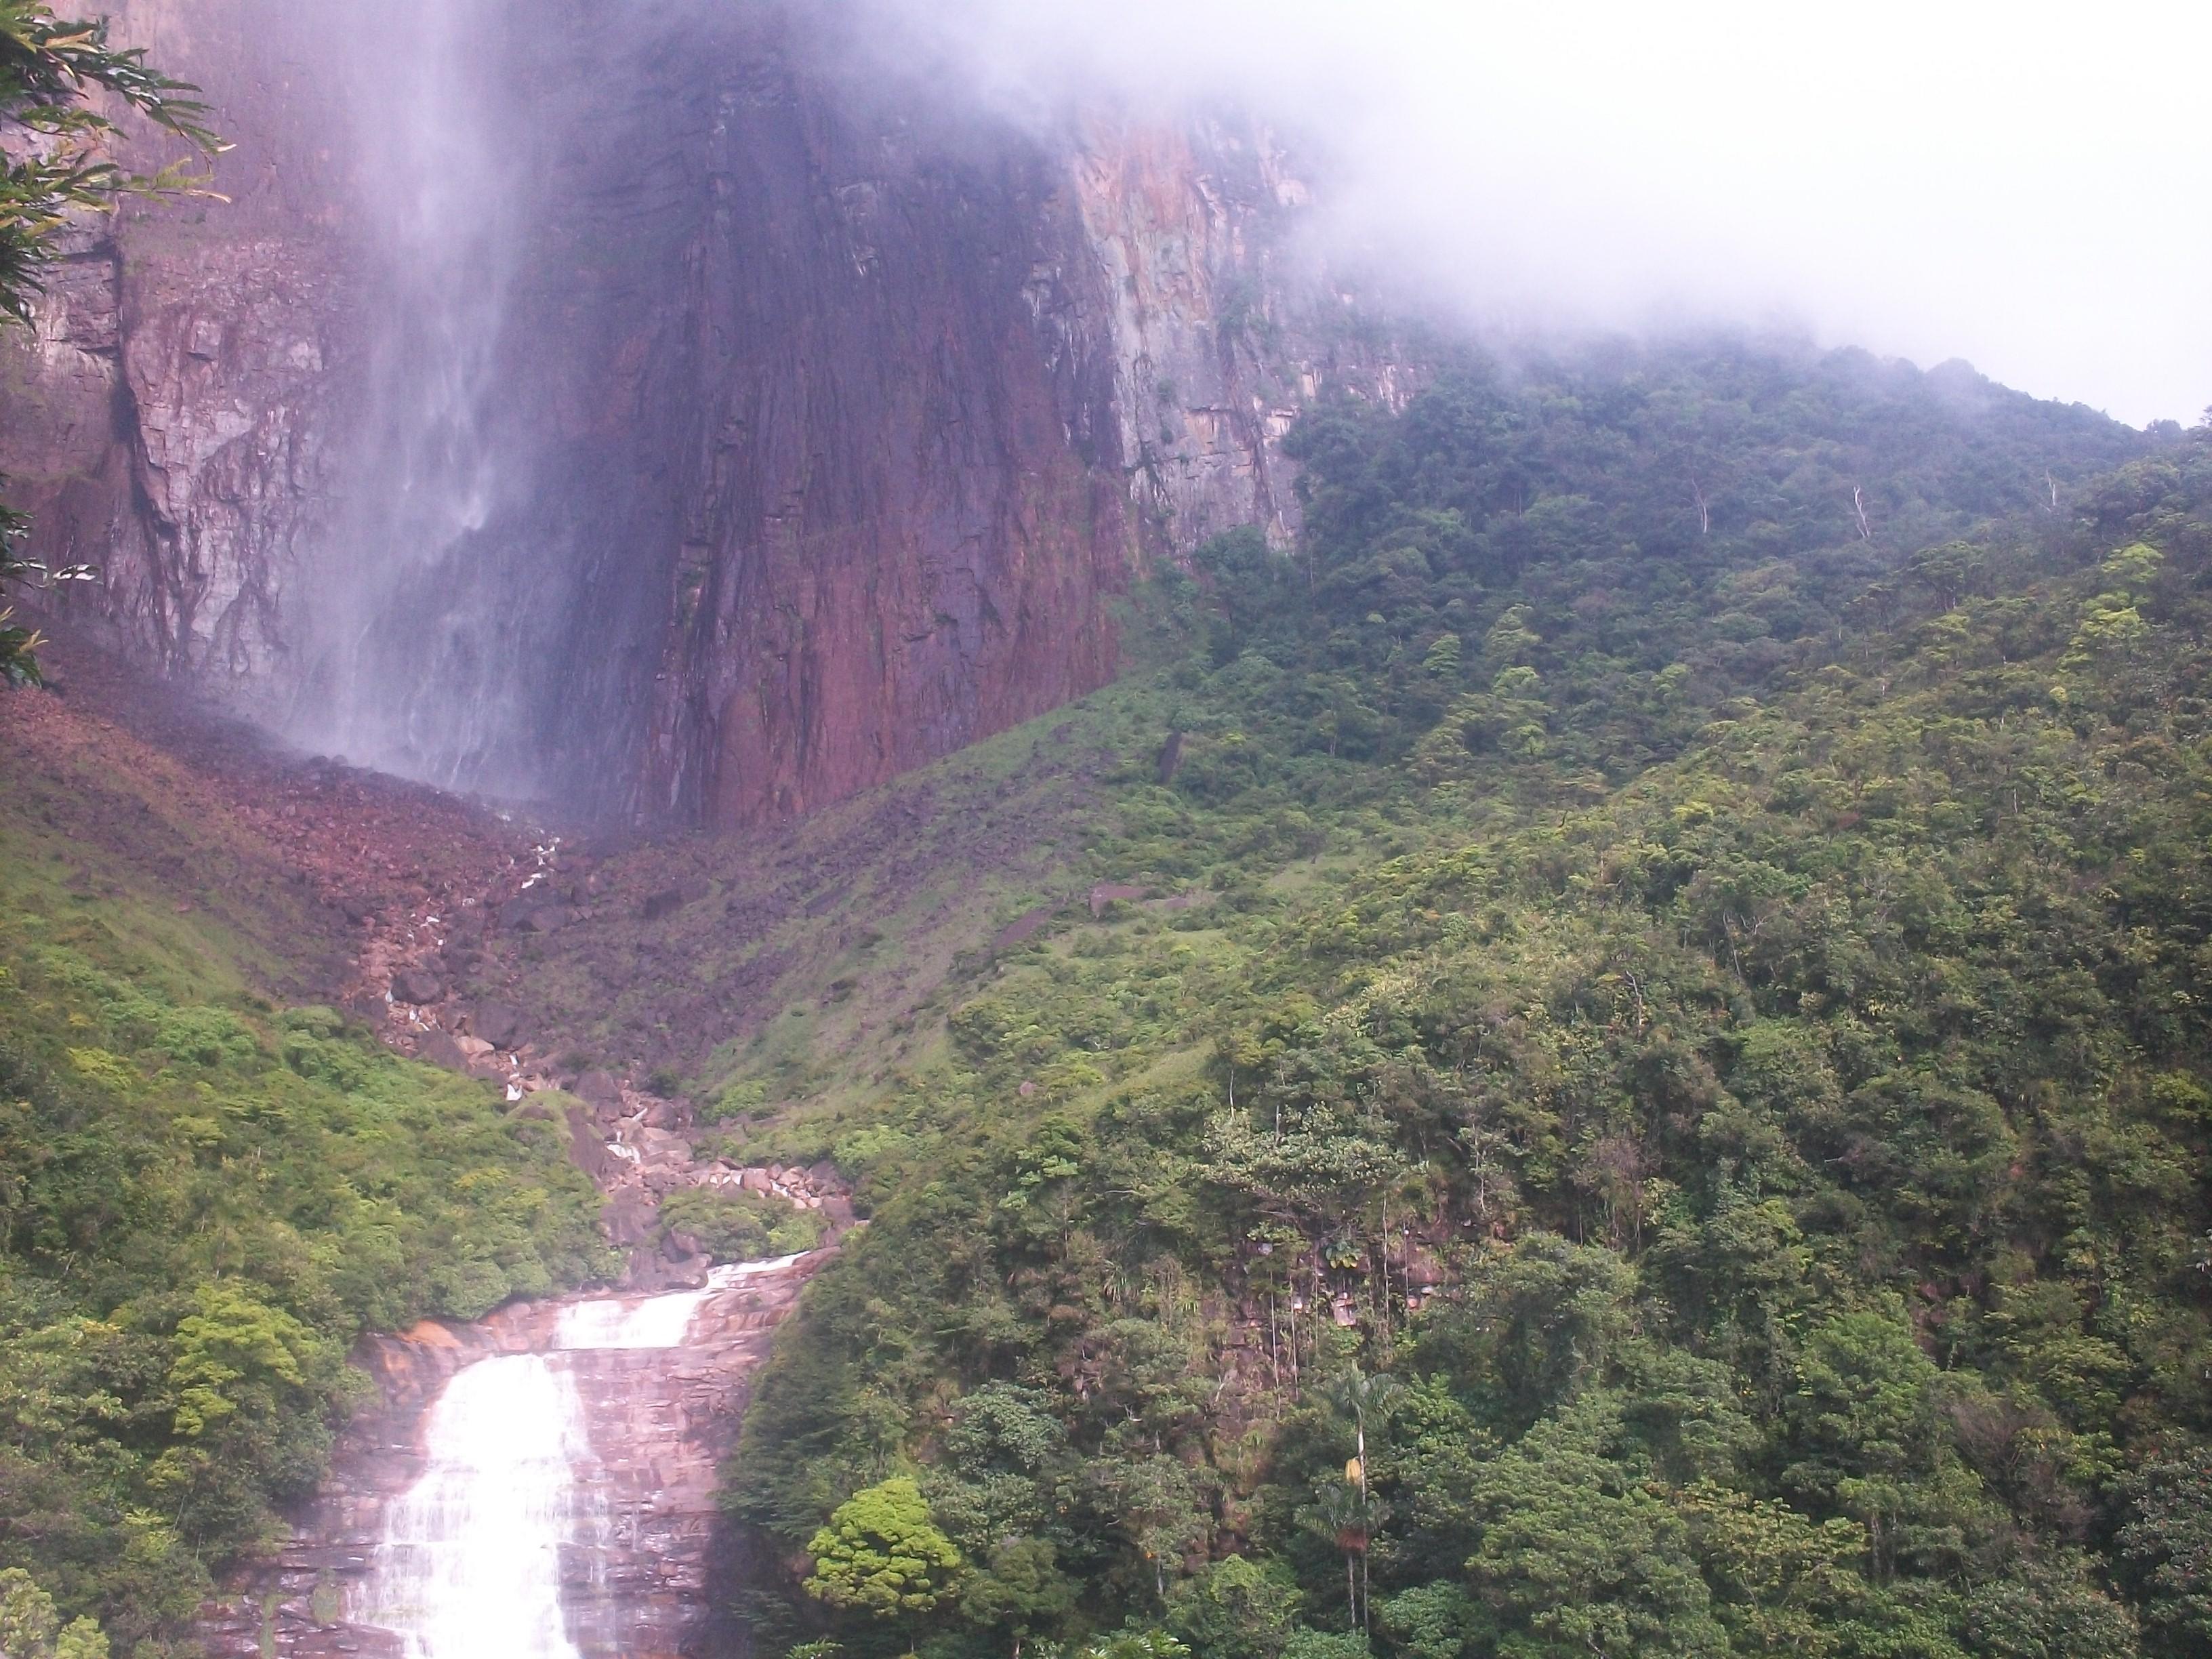 Aguas_abajo_del_Santo_Ángel_del_Parque_Nacional_Canaima_(Bolívar)